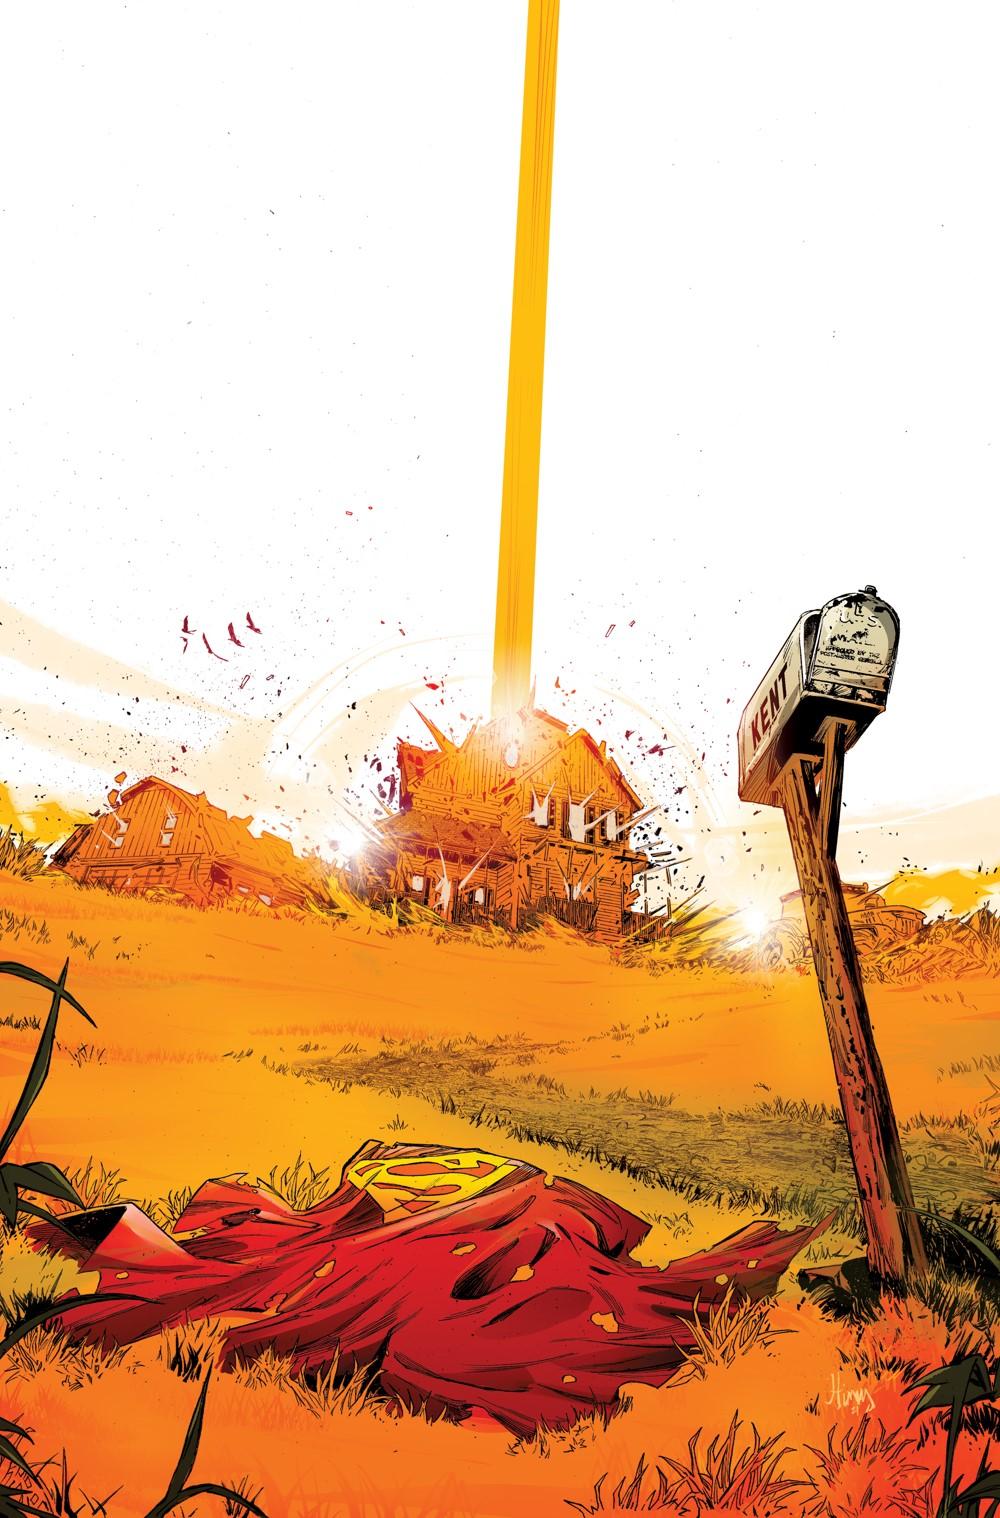 Superman_SOKE_04_FlatCMYK_V2-1 DC Comics October 2021 Solicitations